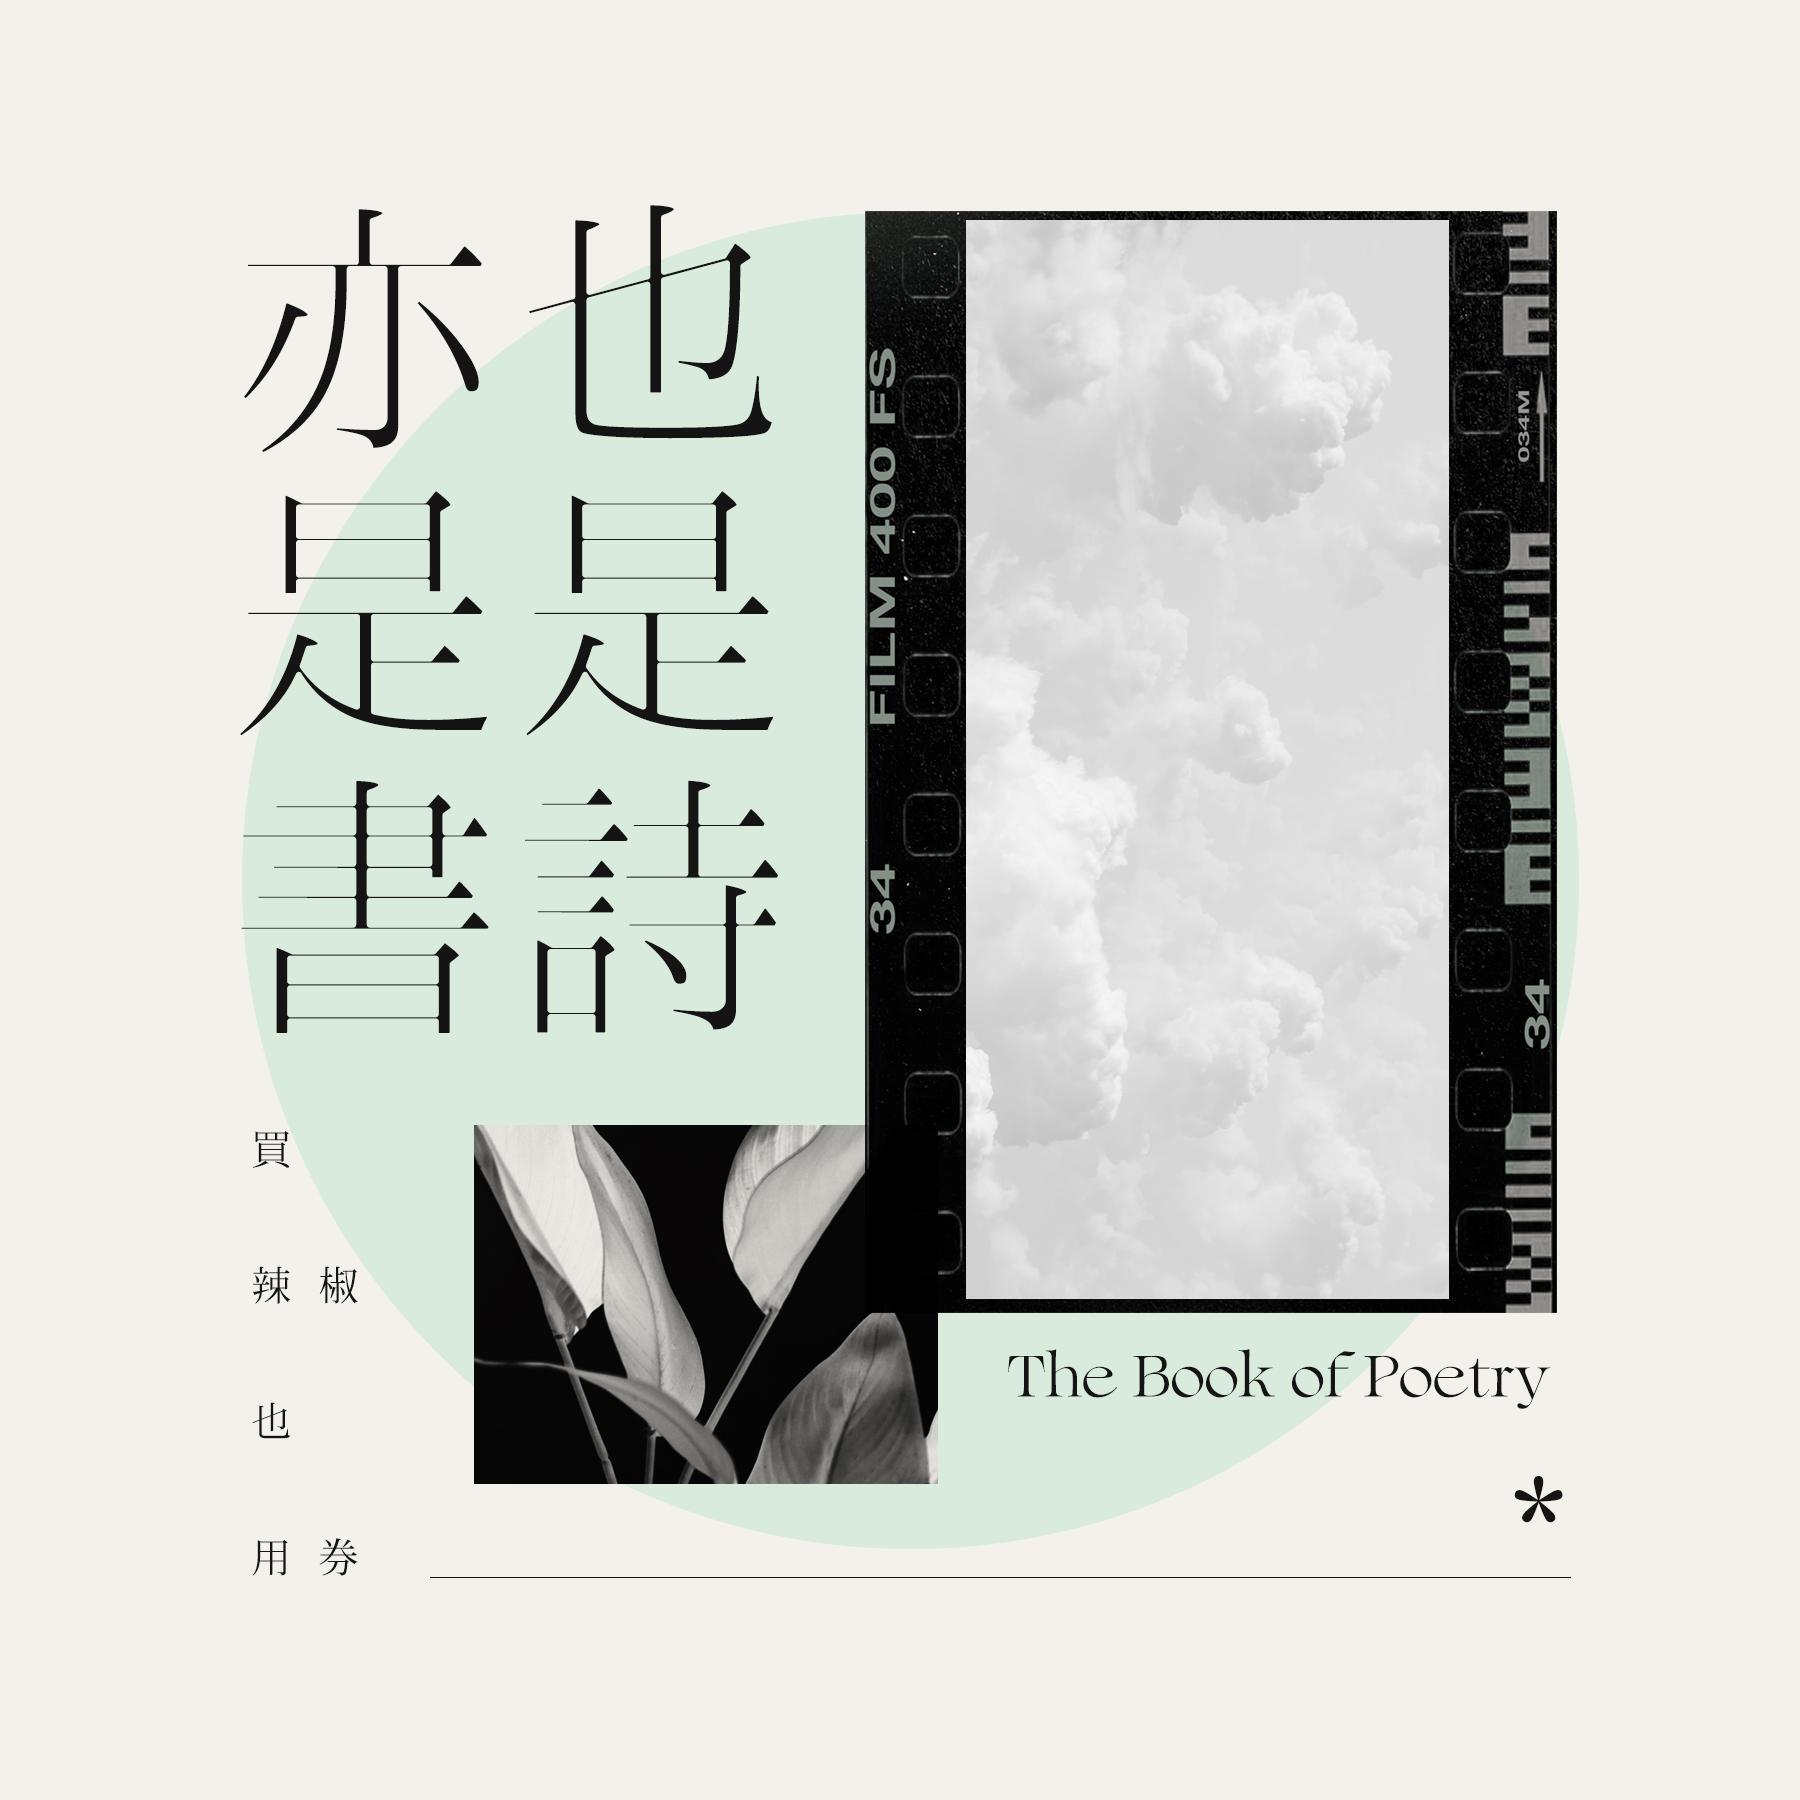 亦是书也是诗